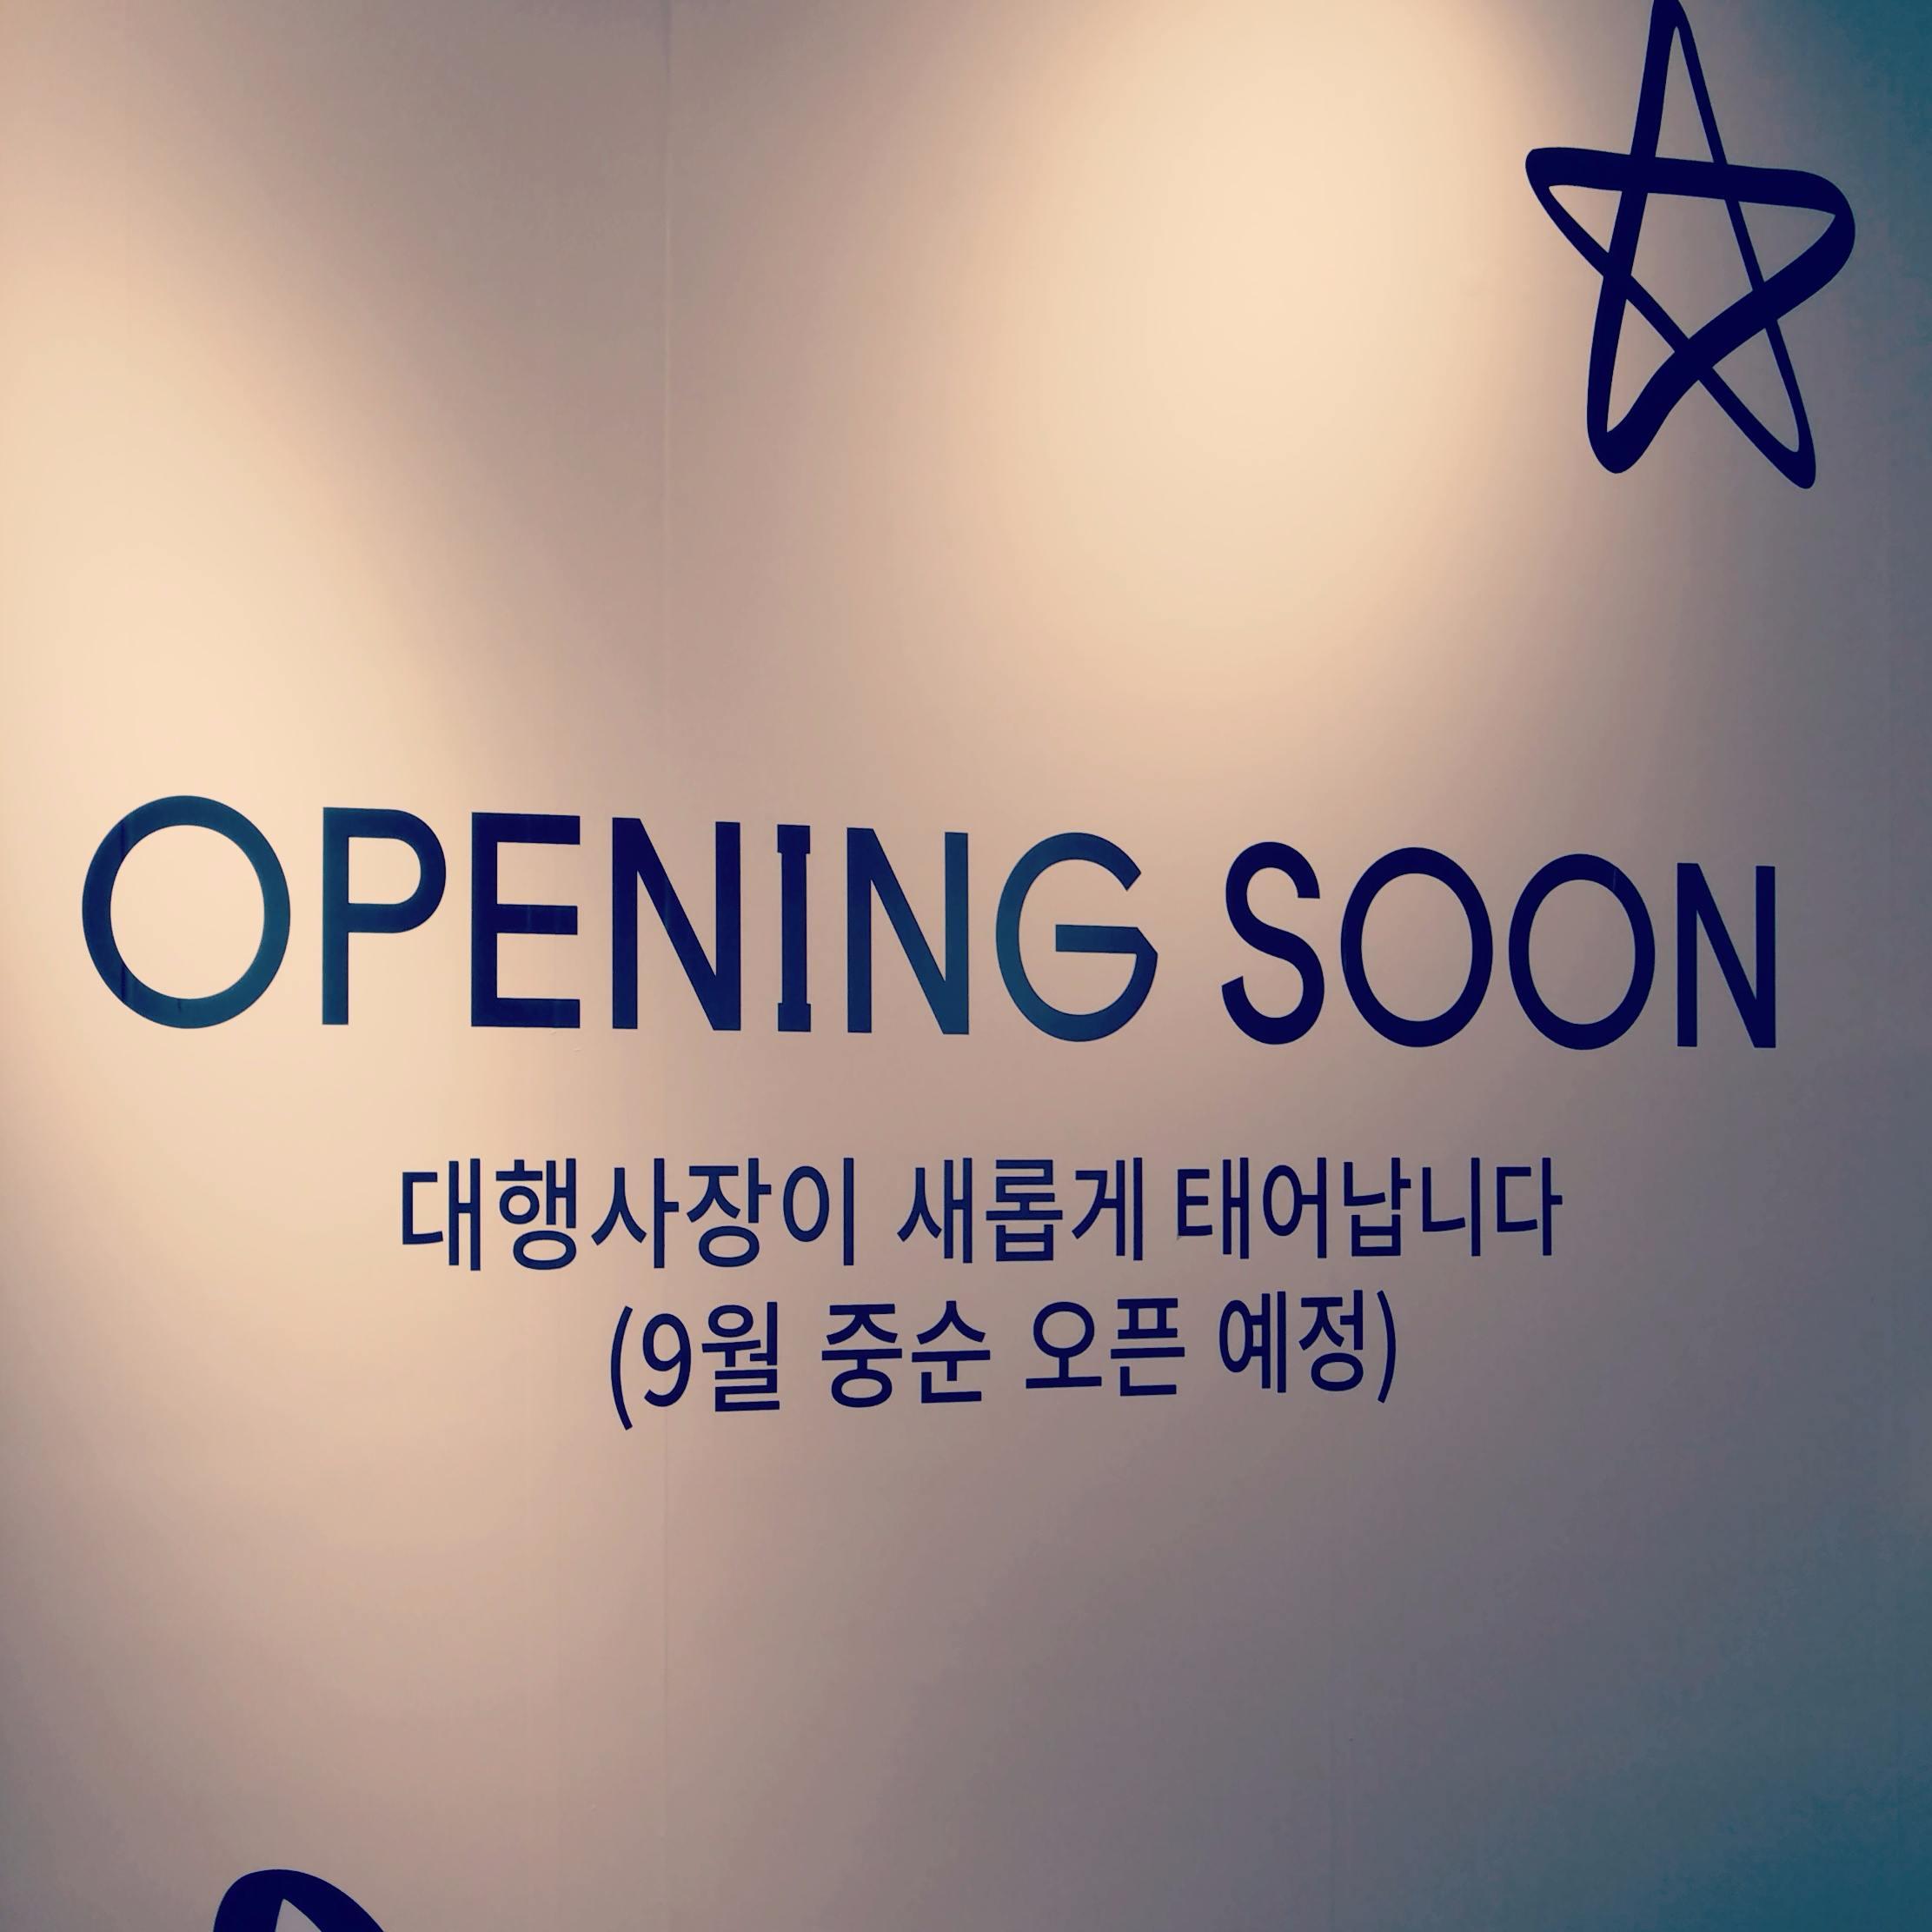 來韓的時間不對,錯過了限時商店?不怕!因為9月中在同一個商場同一樓層將會開新的實體店,而且今次還不是限時的。想甚麼時候去,就甚麼時候去;想去多少遍,就去多少遍(是對粉絲很佛心,還是很想搶我們的錢@@)